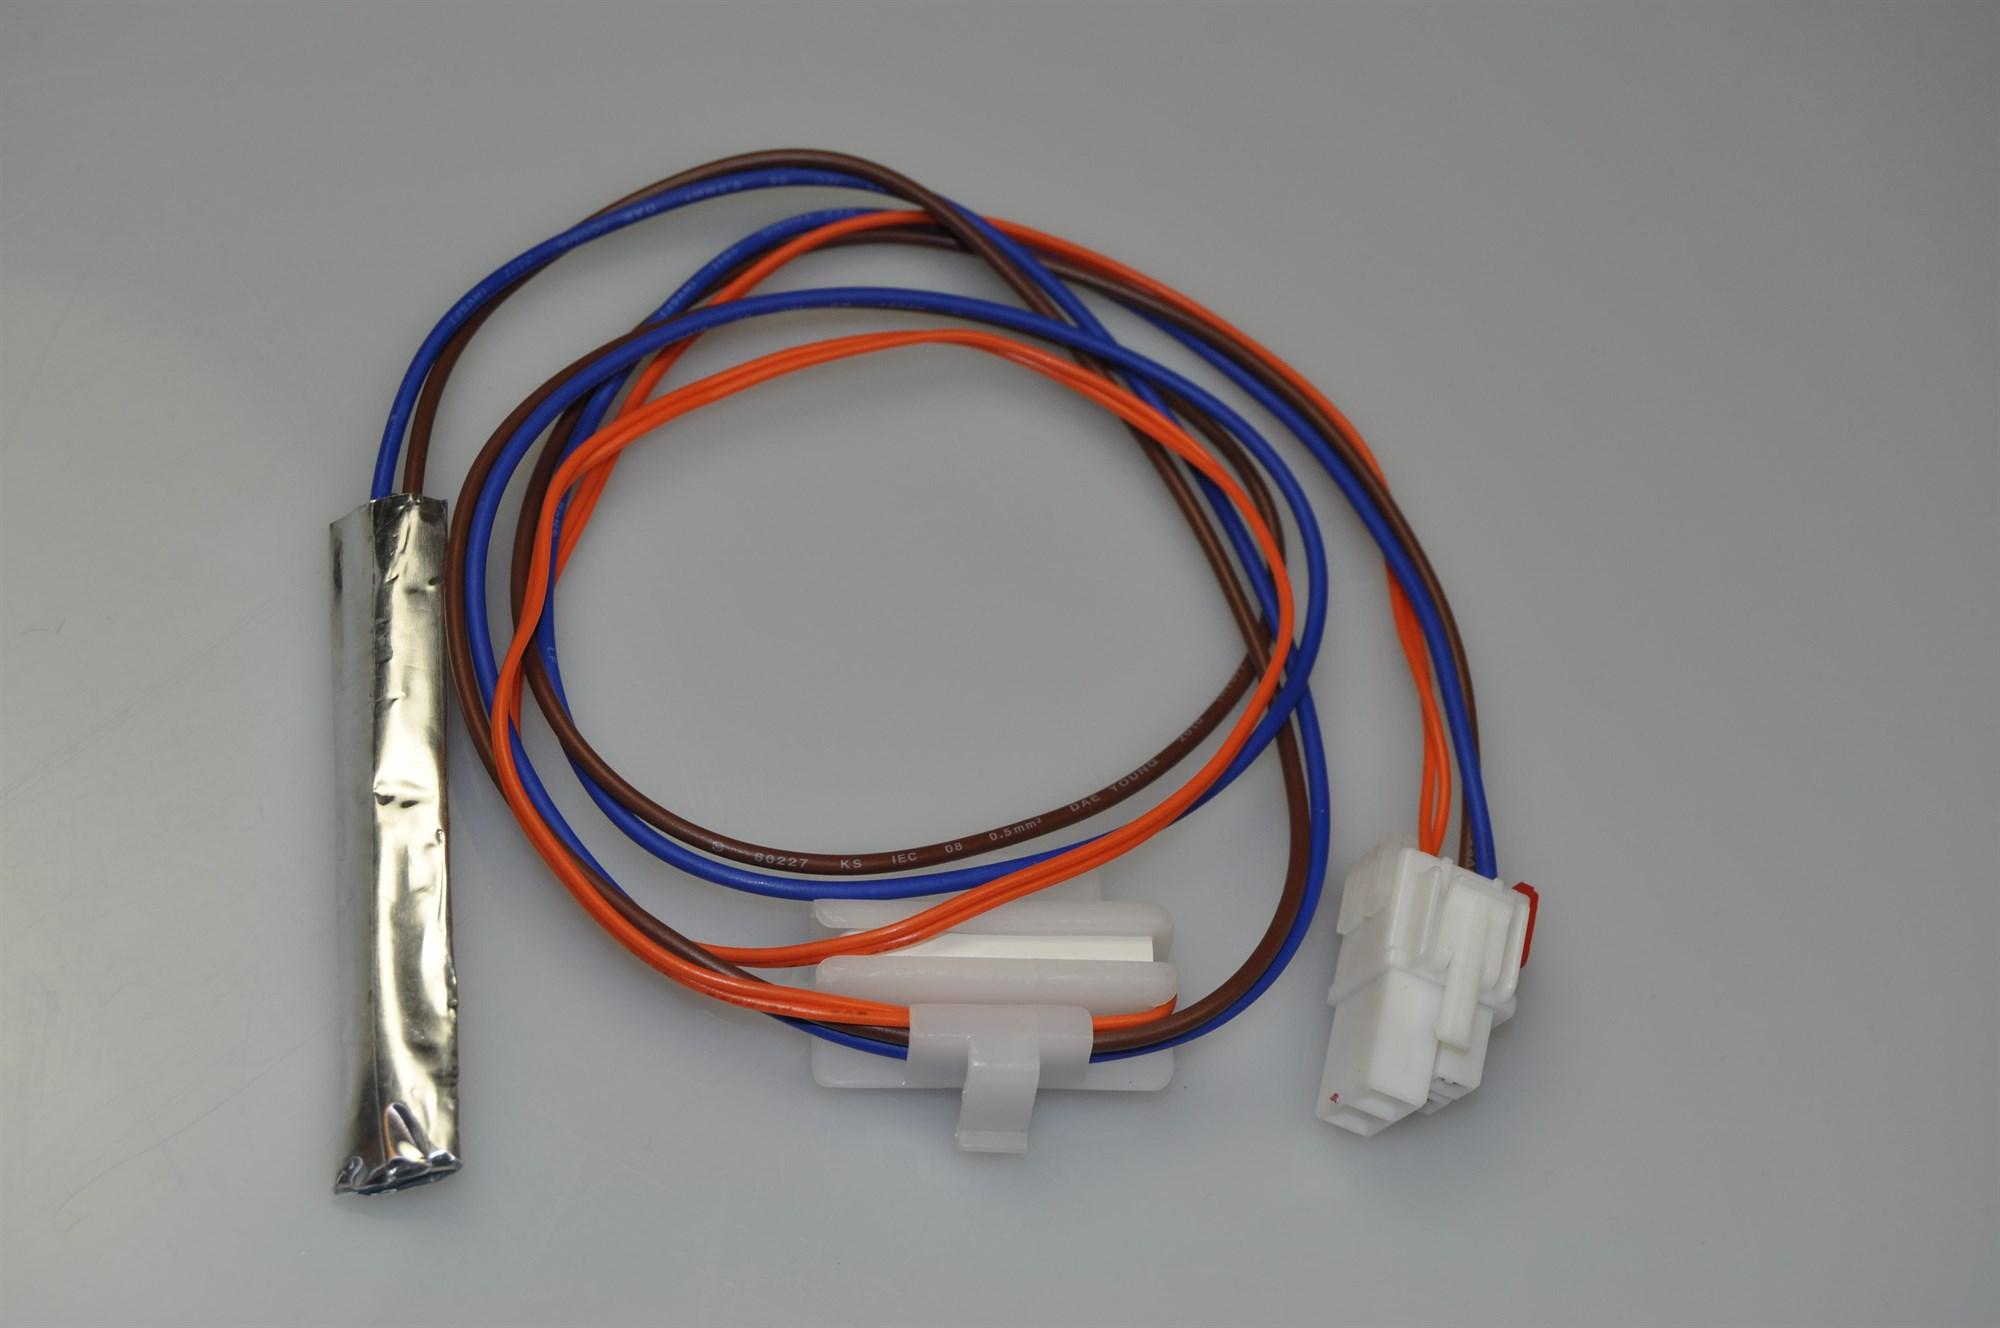 Amerikanischer Kühlschrank Von Lg : Temperaturfühler lg electronics side by side kühlschrank